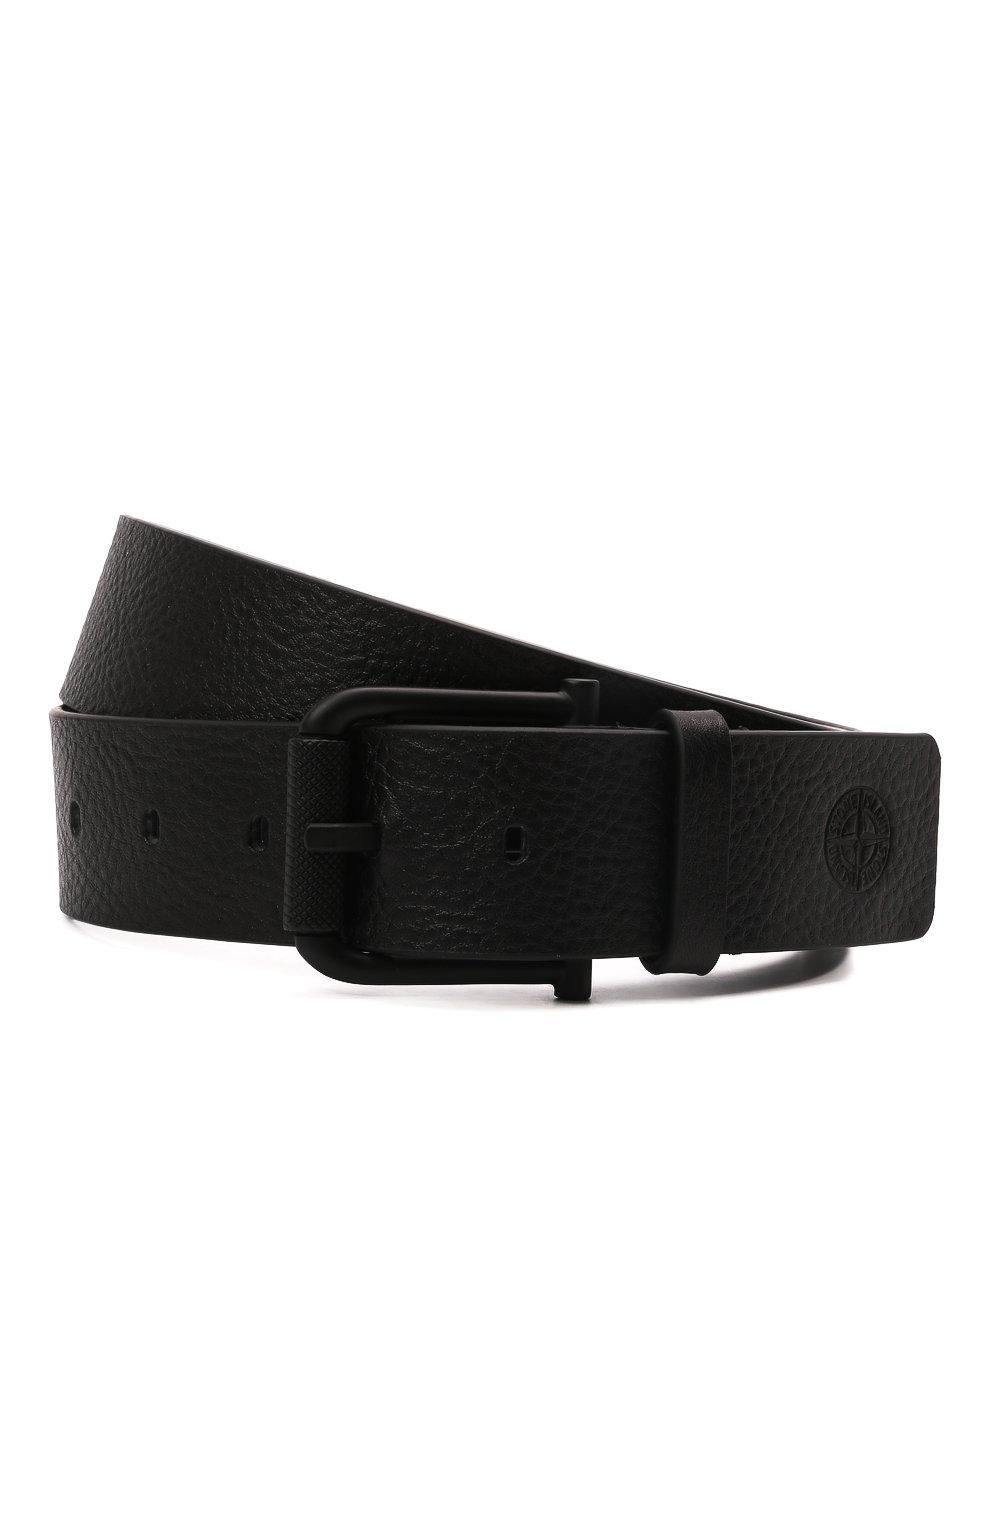 Мужской кожаный ремень STONE ISLAND черного цвета, арт. 751594772 | Фото 1 (Случай: Повседневный)